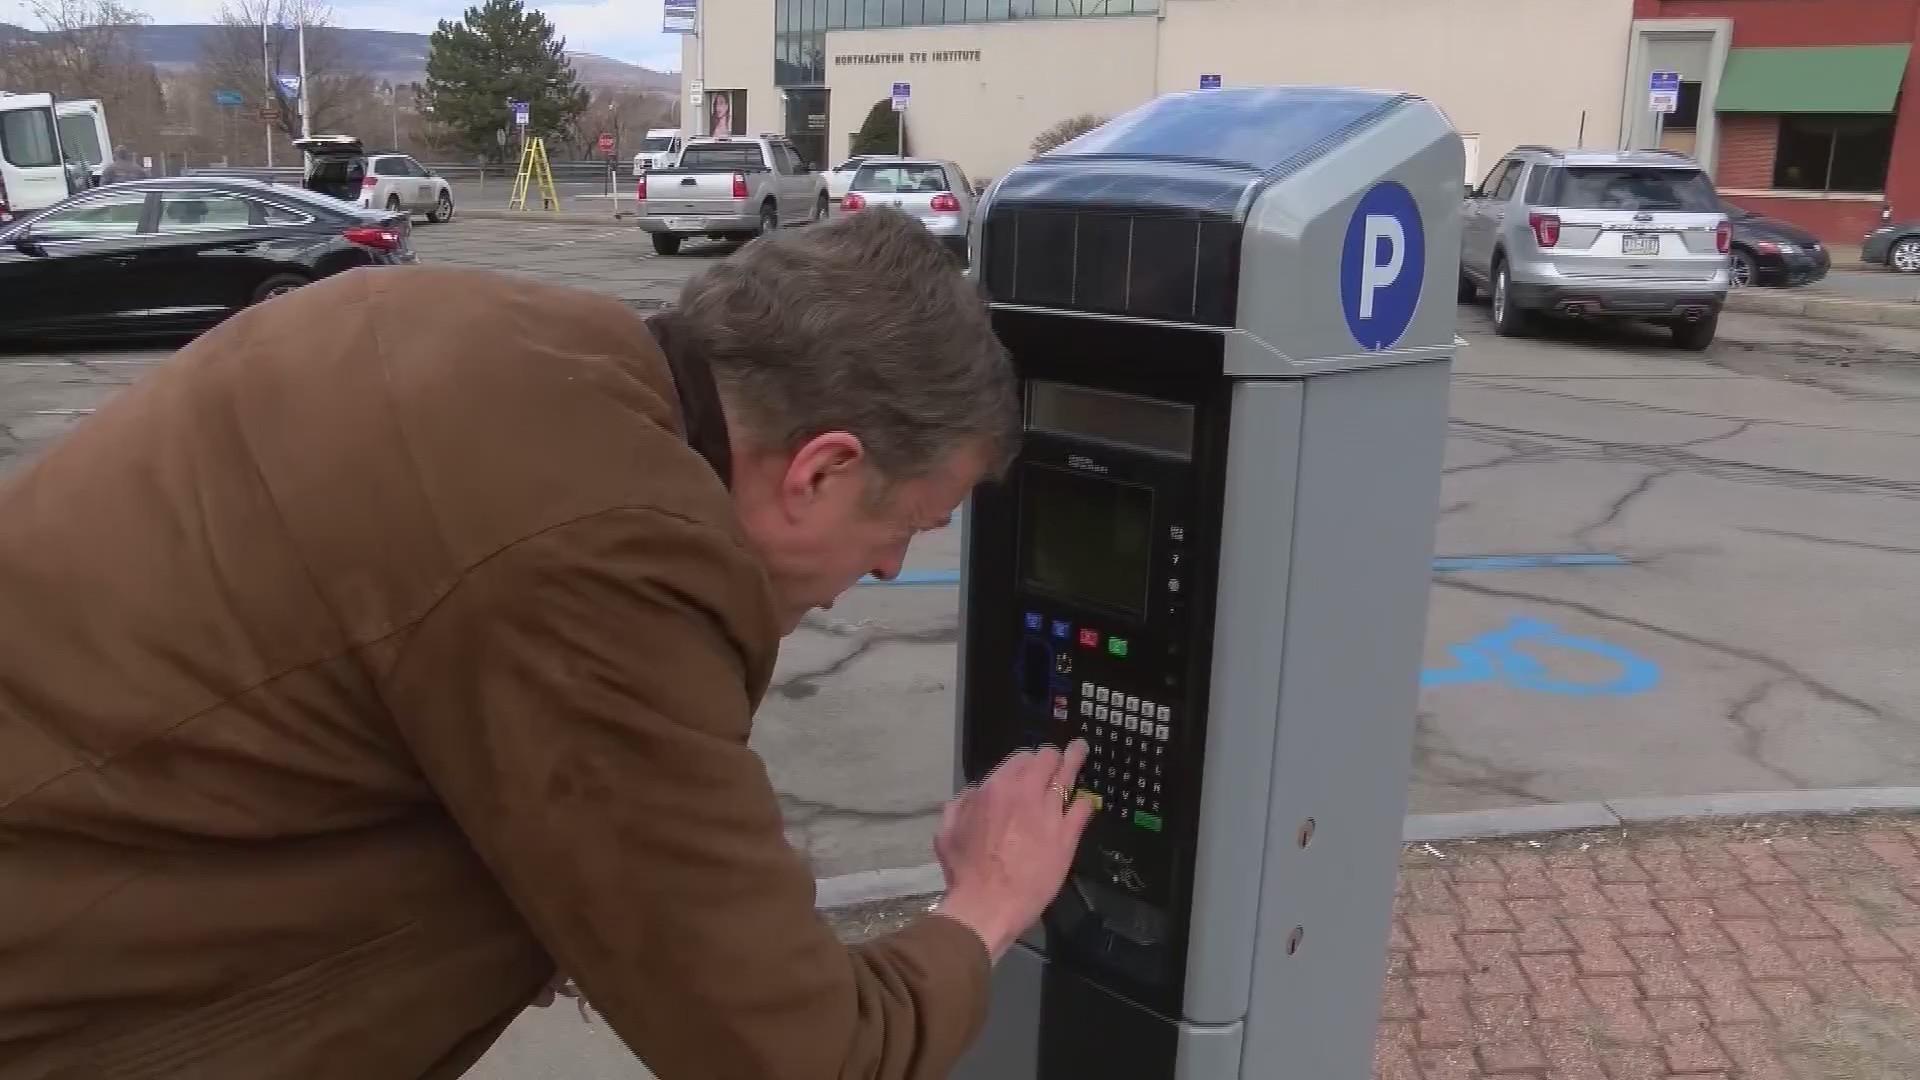 New_parking_kiosk_in_Scranton_0_20190318215701